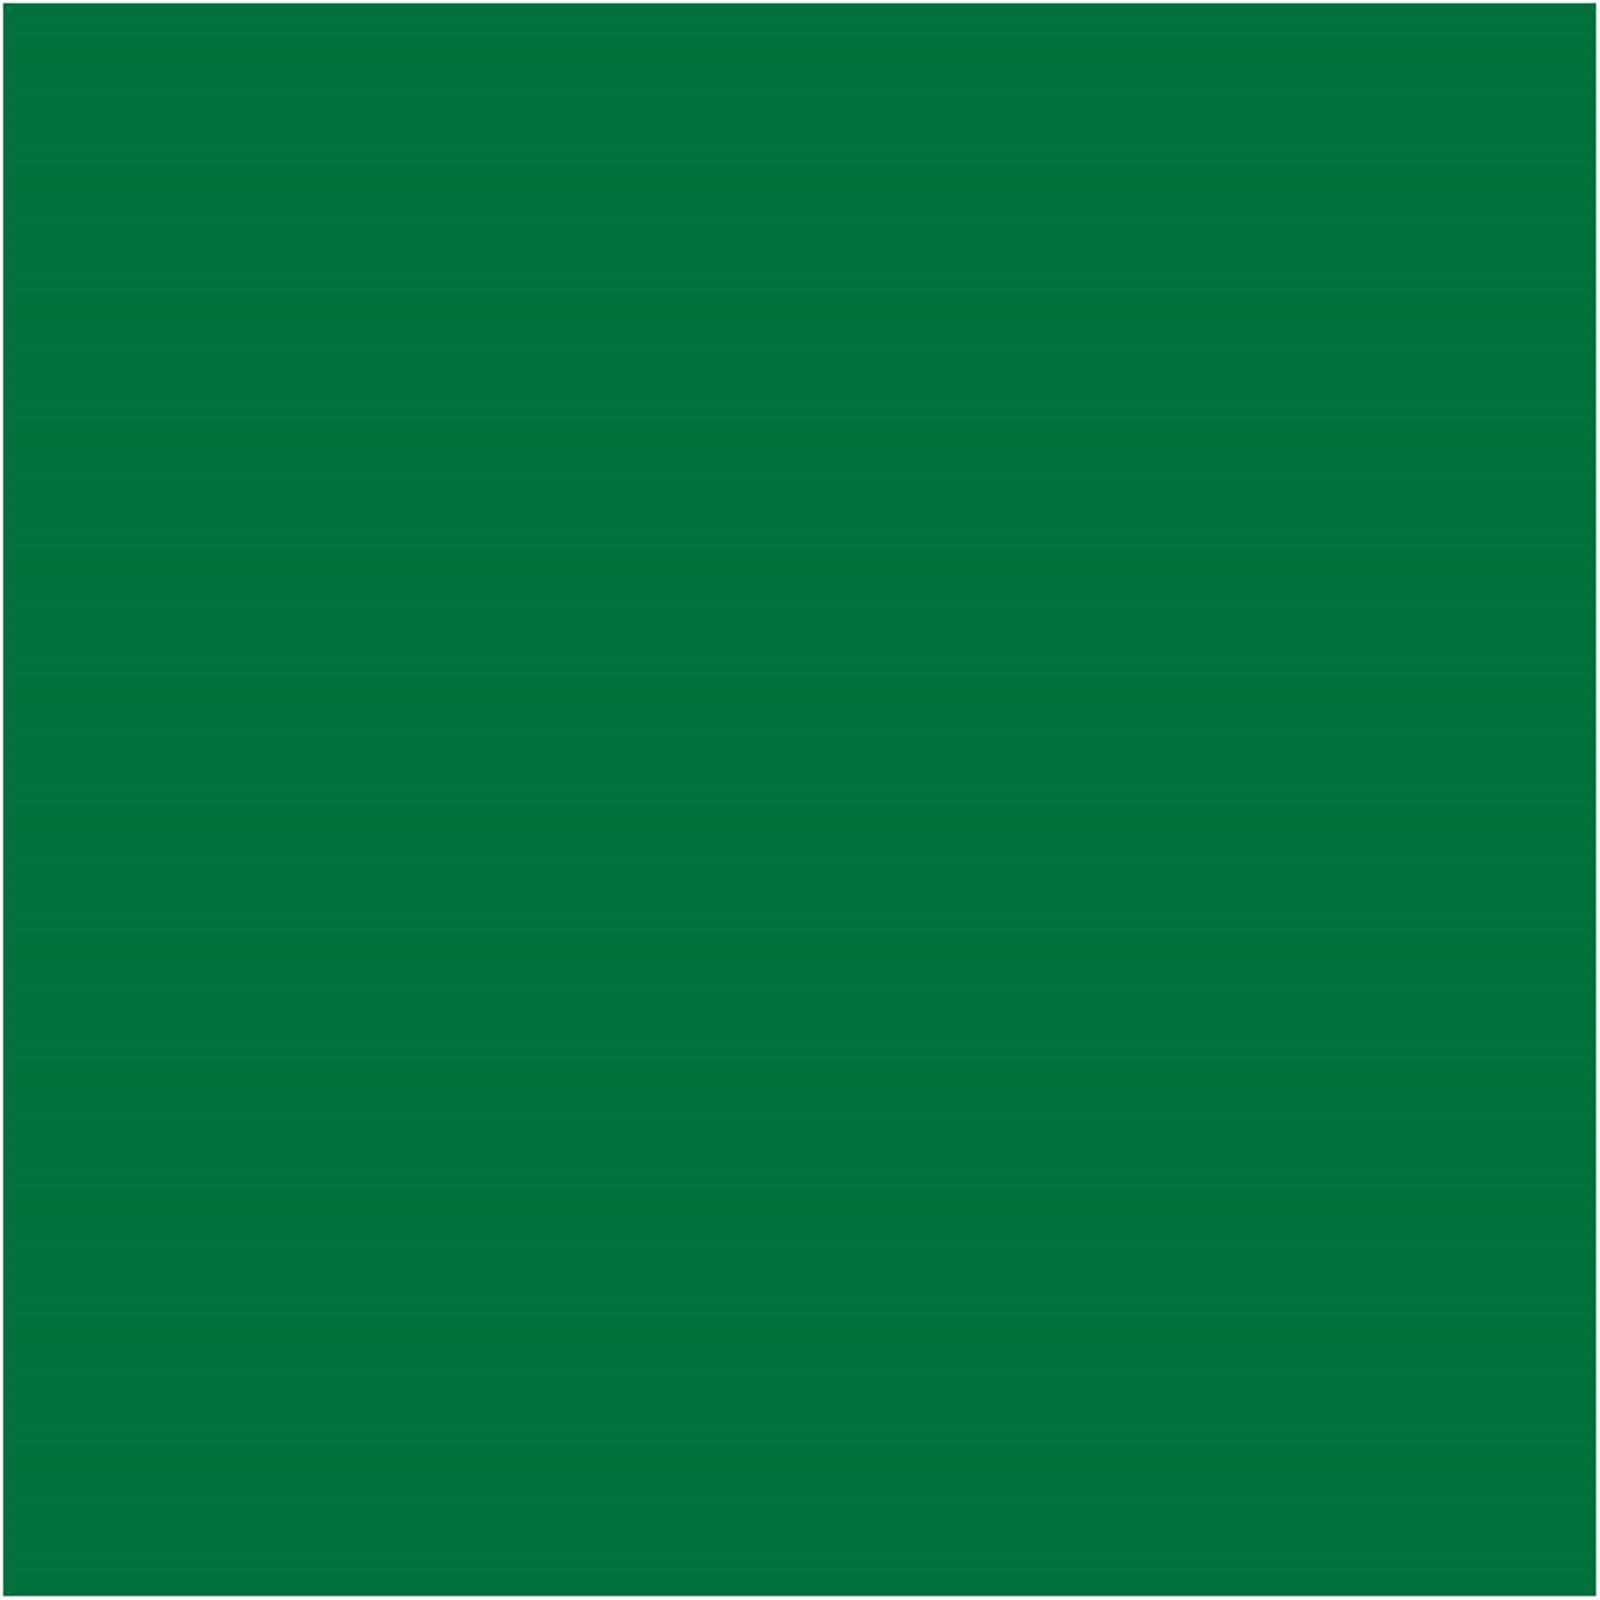 verde inchis satinat creamy